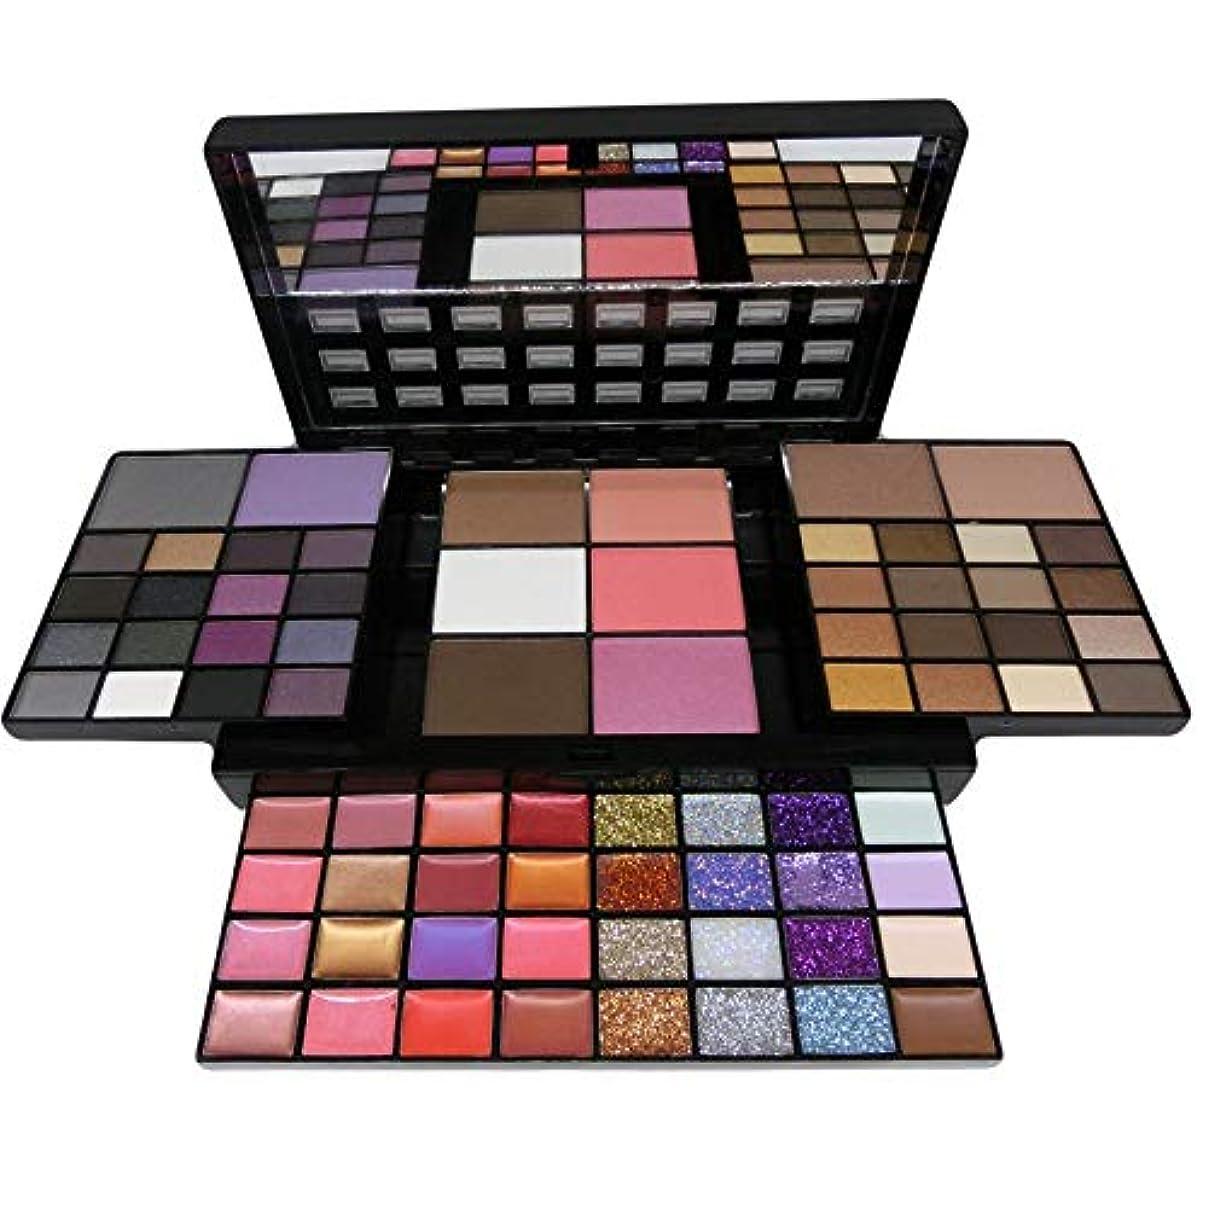 乳剤乙女拳Makeup Set Box 74 Color Makeup Kits For Women Combination Kit Eyeshadow Lipstick Glitter Cheek Blush Concealer Bronzer Highlighter Contour Cosmetic set メイクアップセットボックス74カラーメイクアップキット女性用コンビネーションキットアイシャドウリップスティックキラキラチークブラッシュコンシーラーブロンザーハイライターコンターメイクブラシ